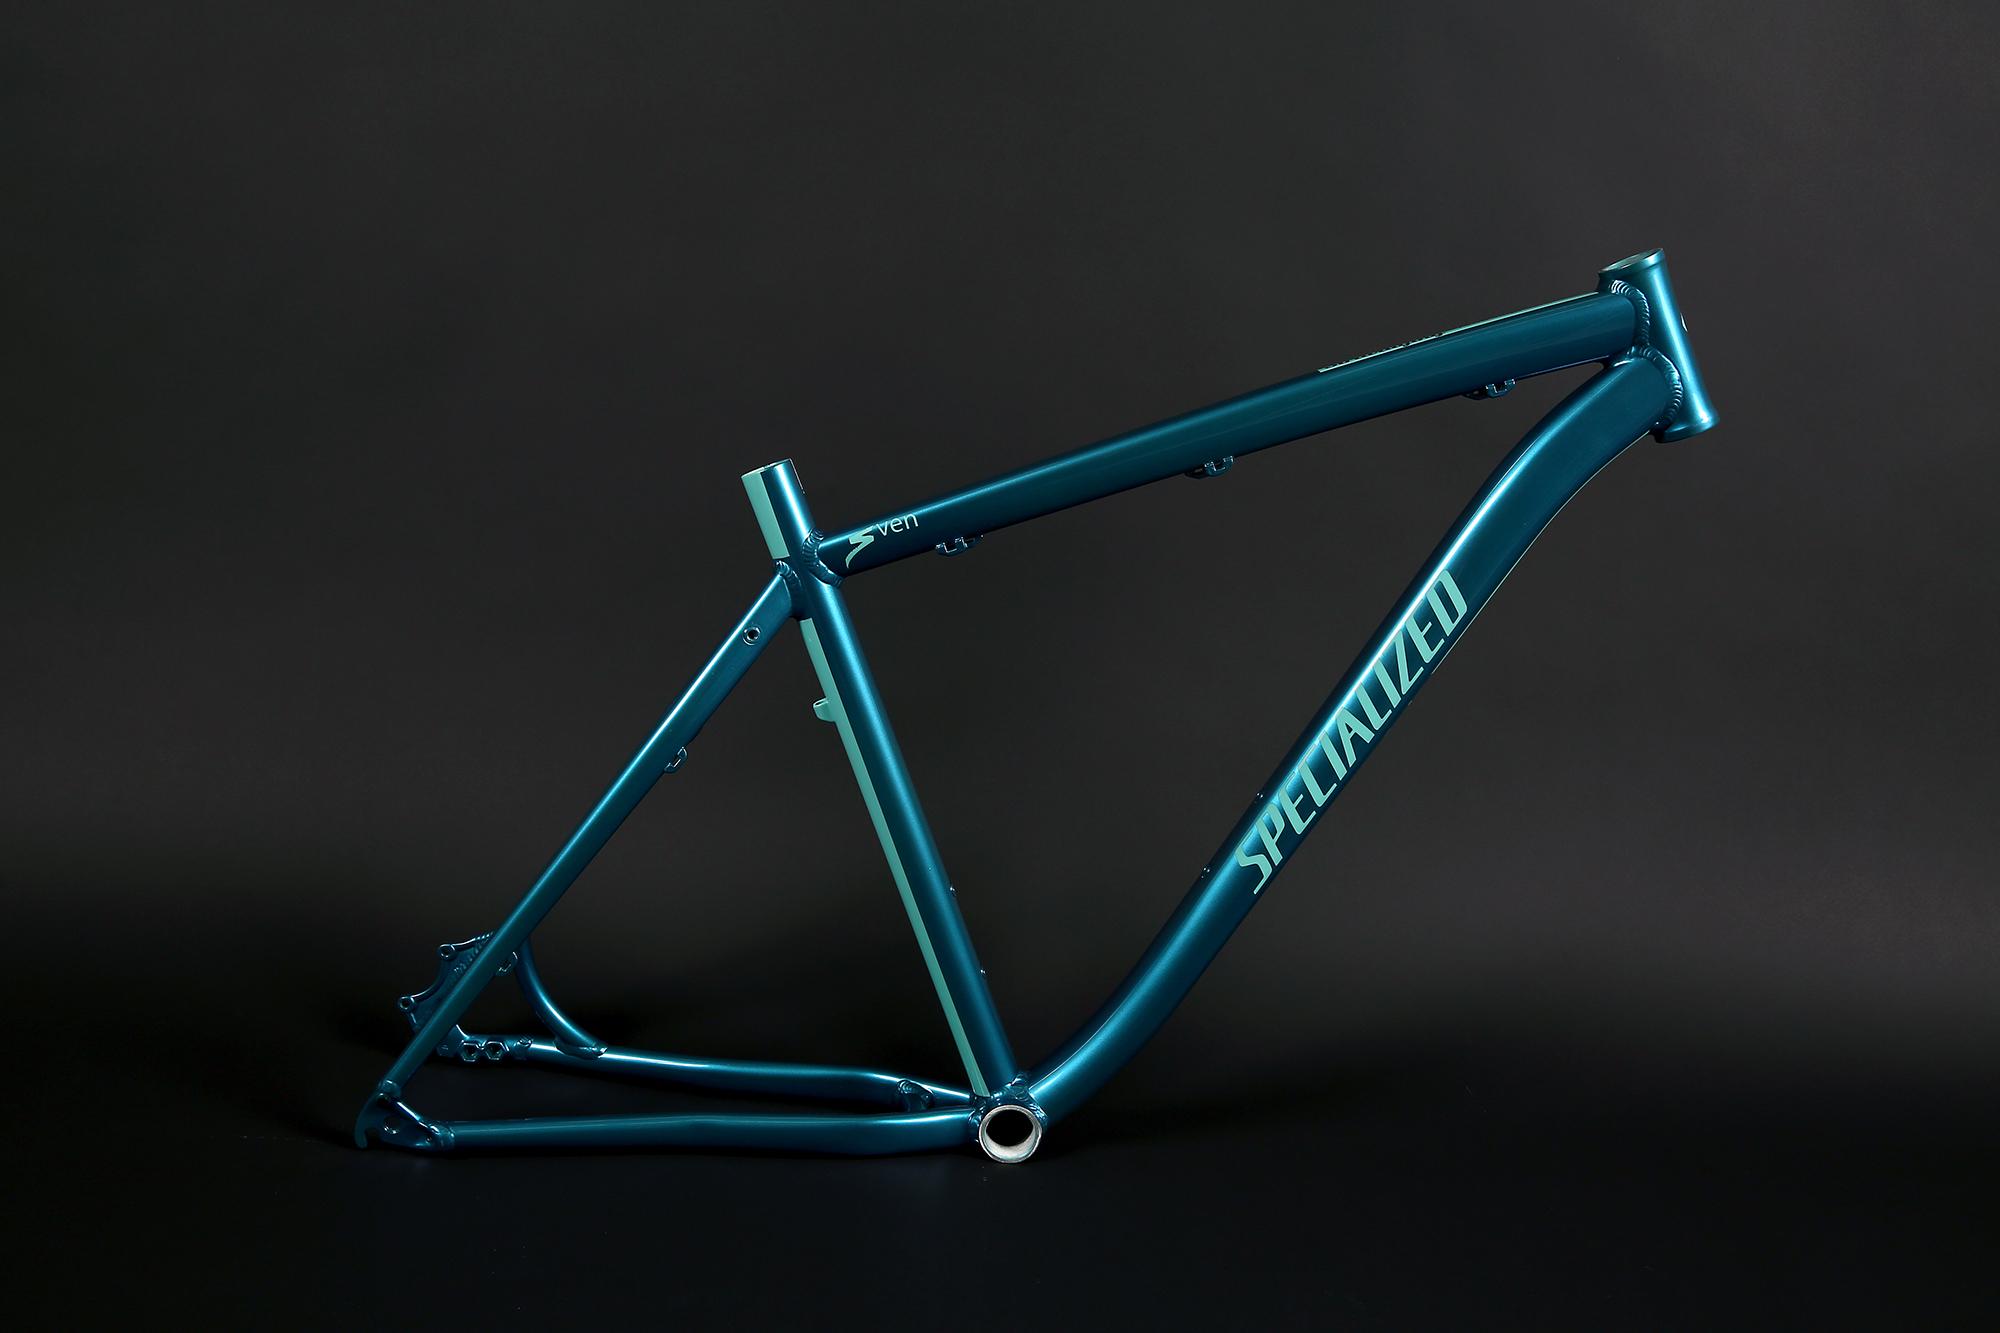 Sven the bike 2